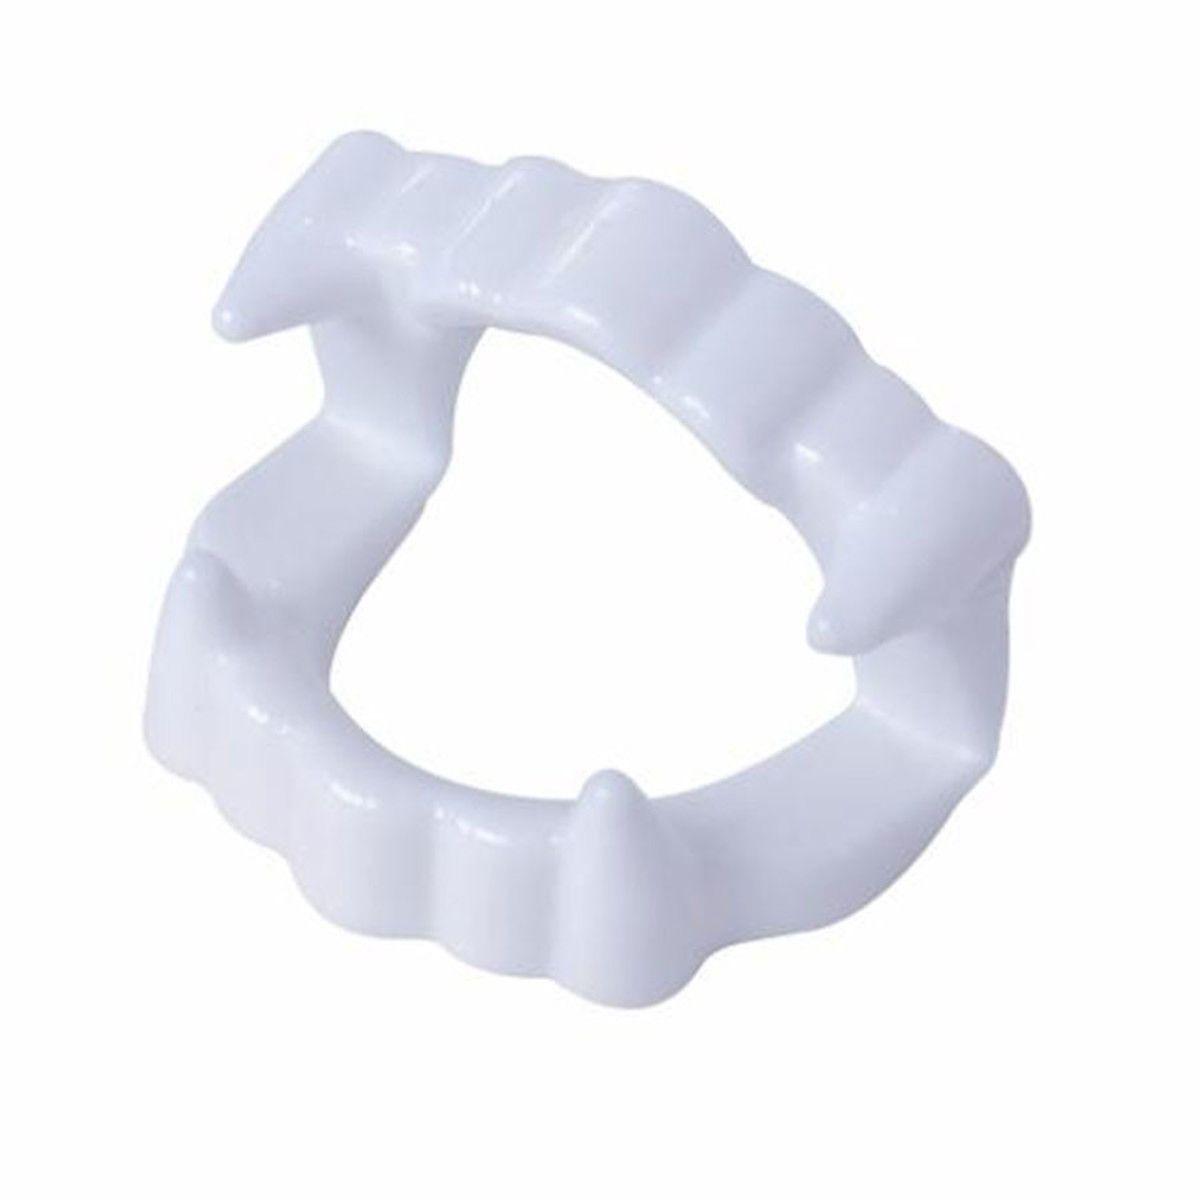 Brinquedo Dentadura Branca c/25 unidades